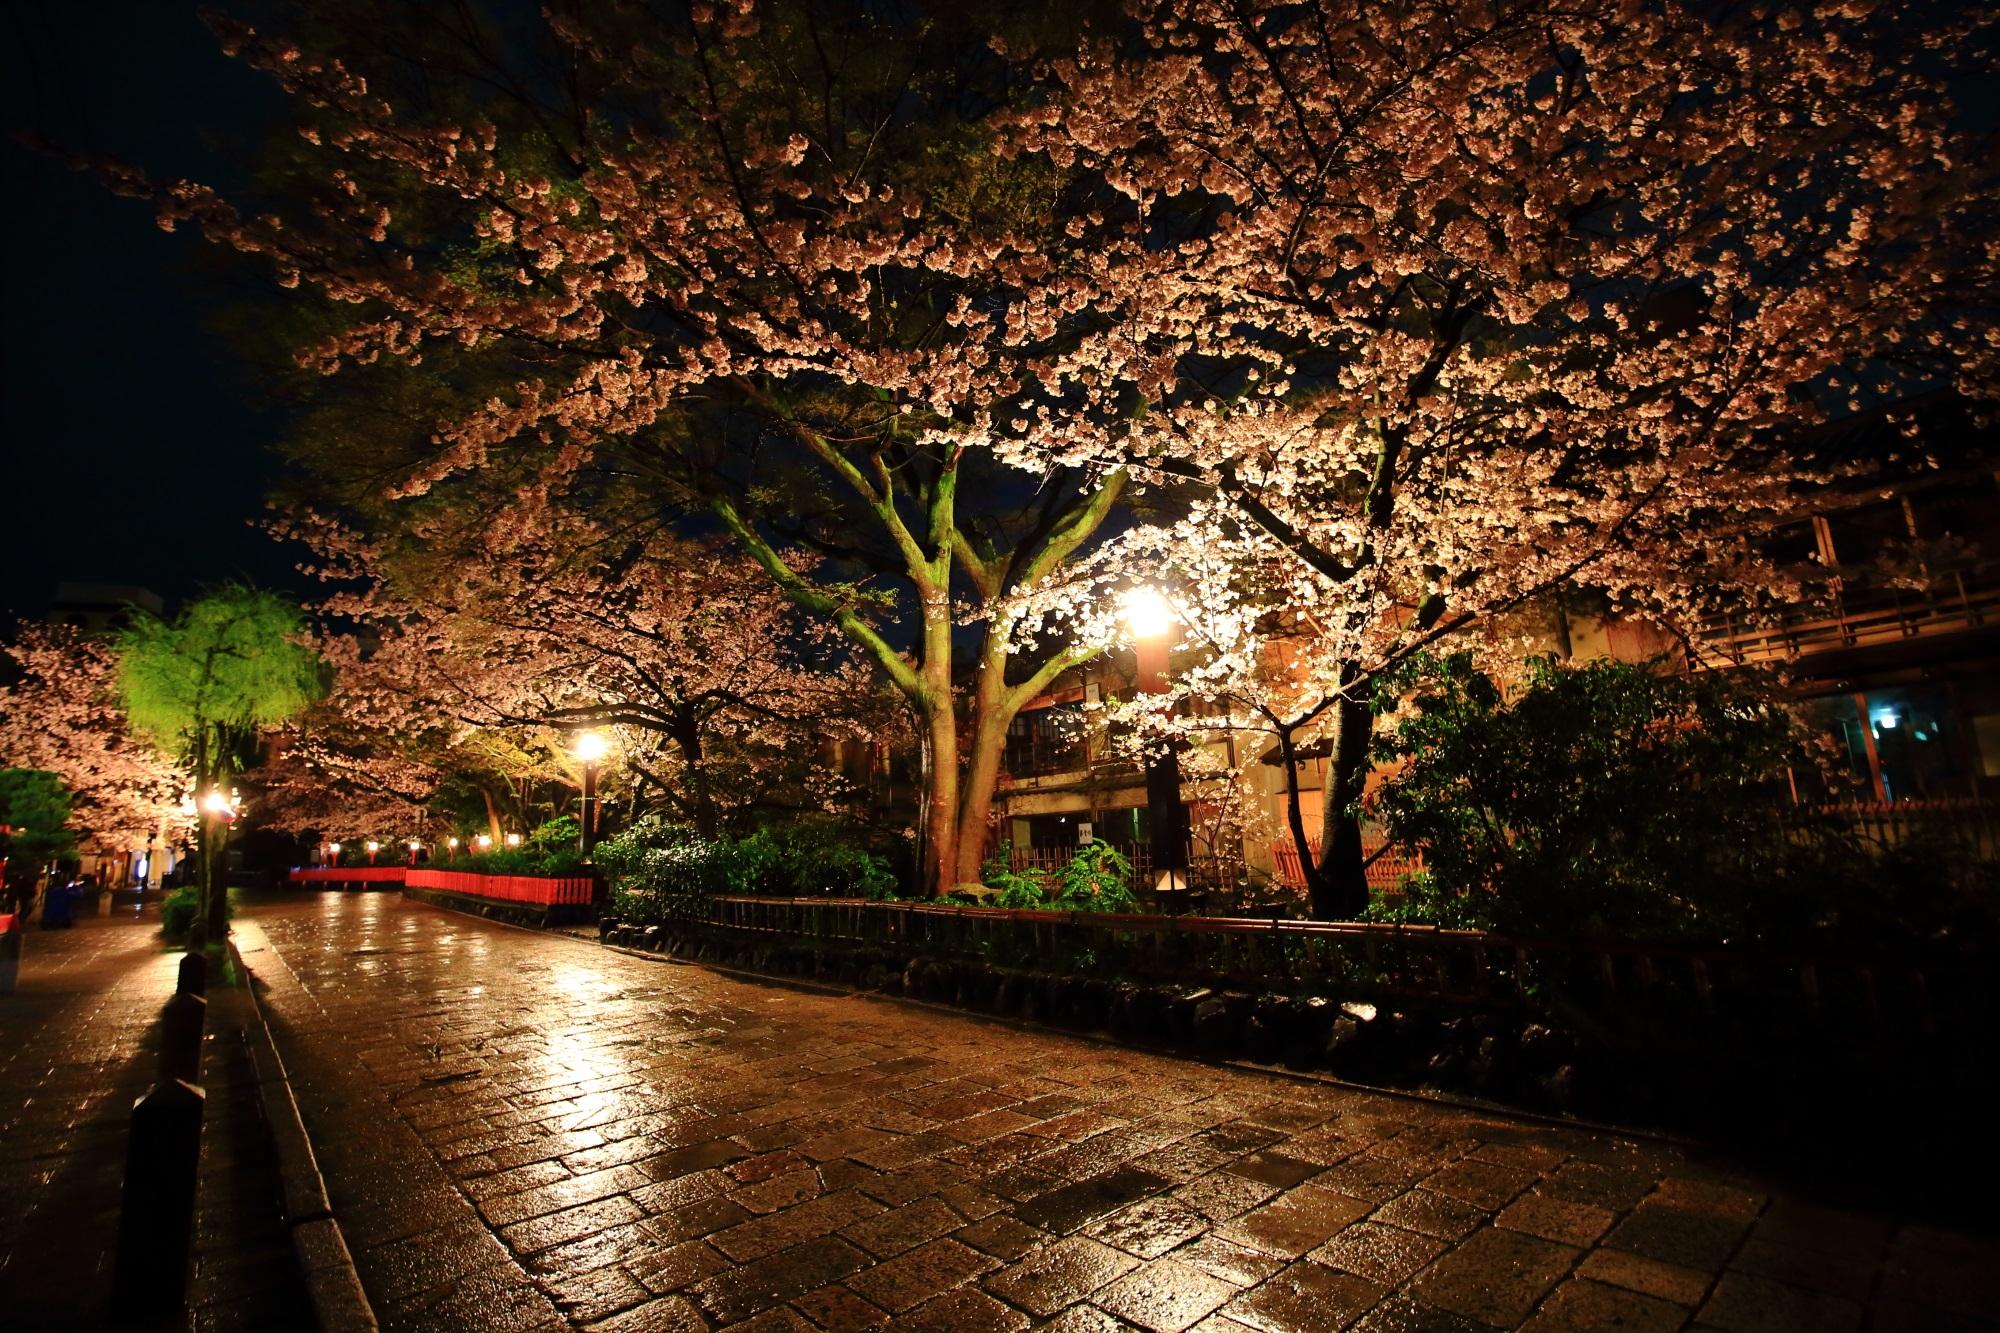 ぎおんしらかわ 桜 名所 満開 春